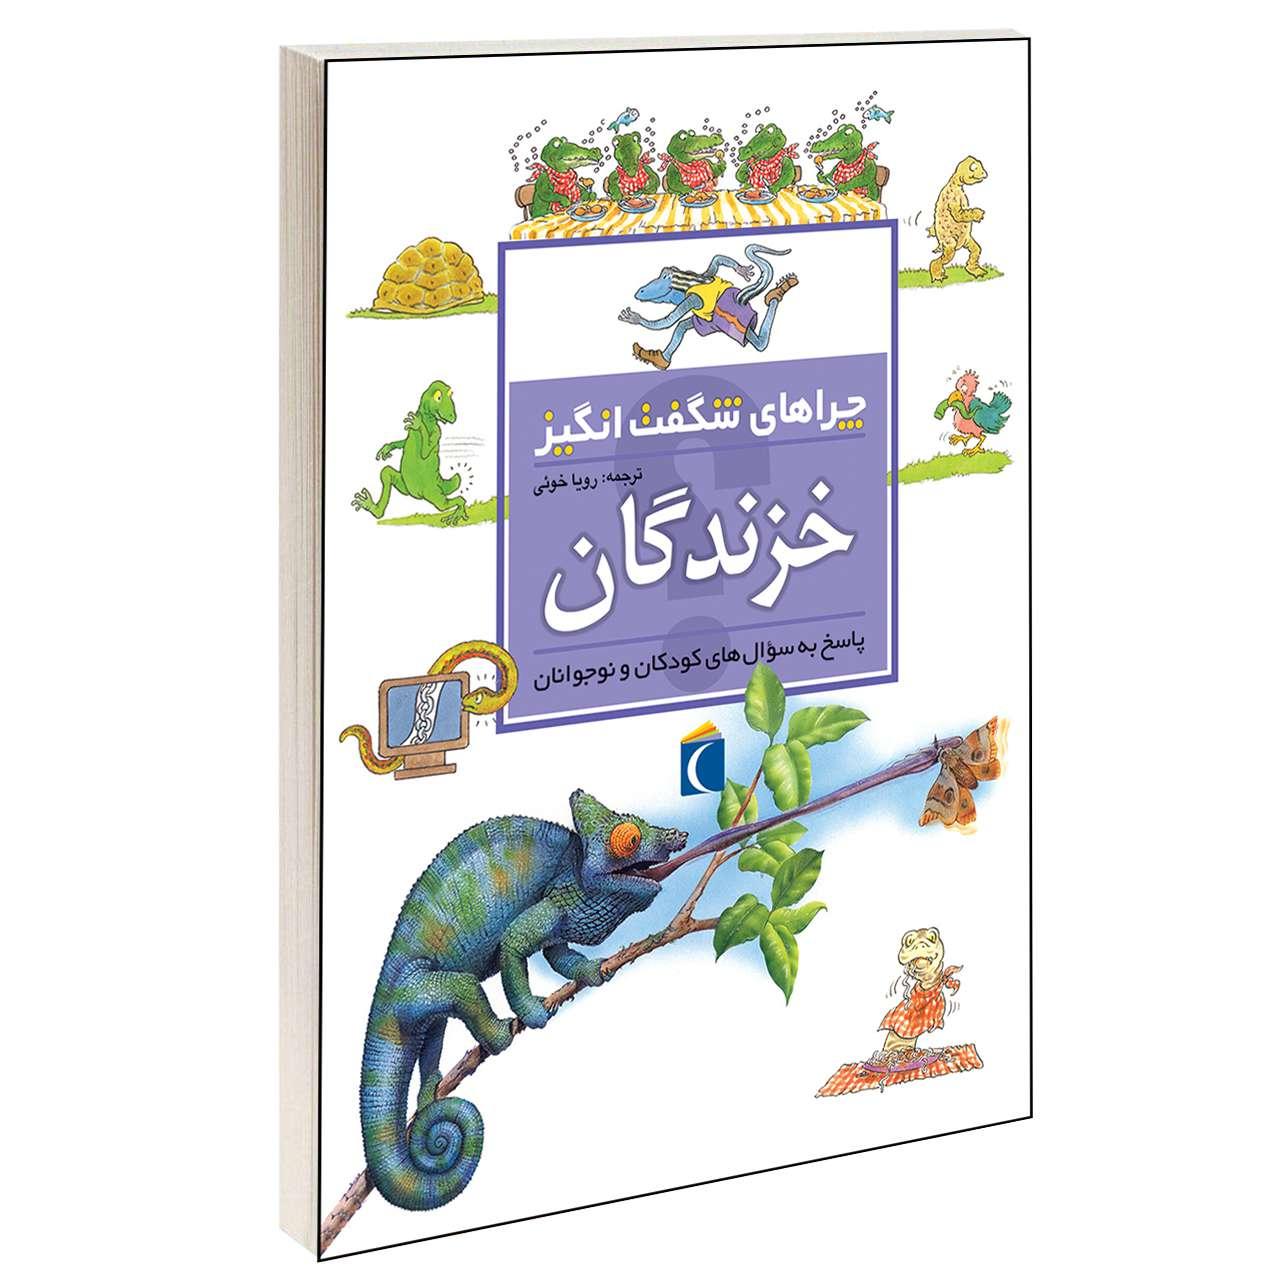 کتاب چراهای شگفت انگیز خزندگان اثر آماندا انیل انتشارات محراب قلم